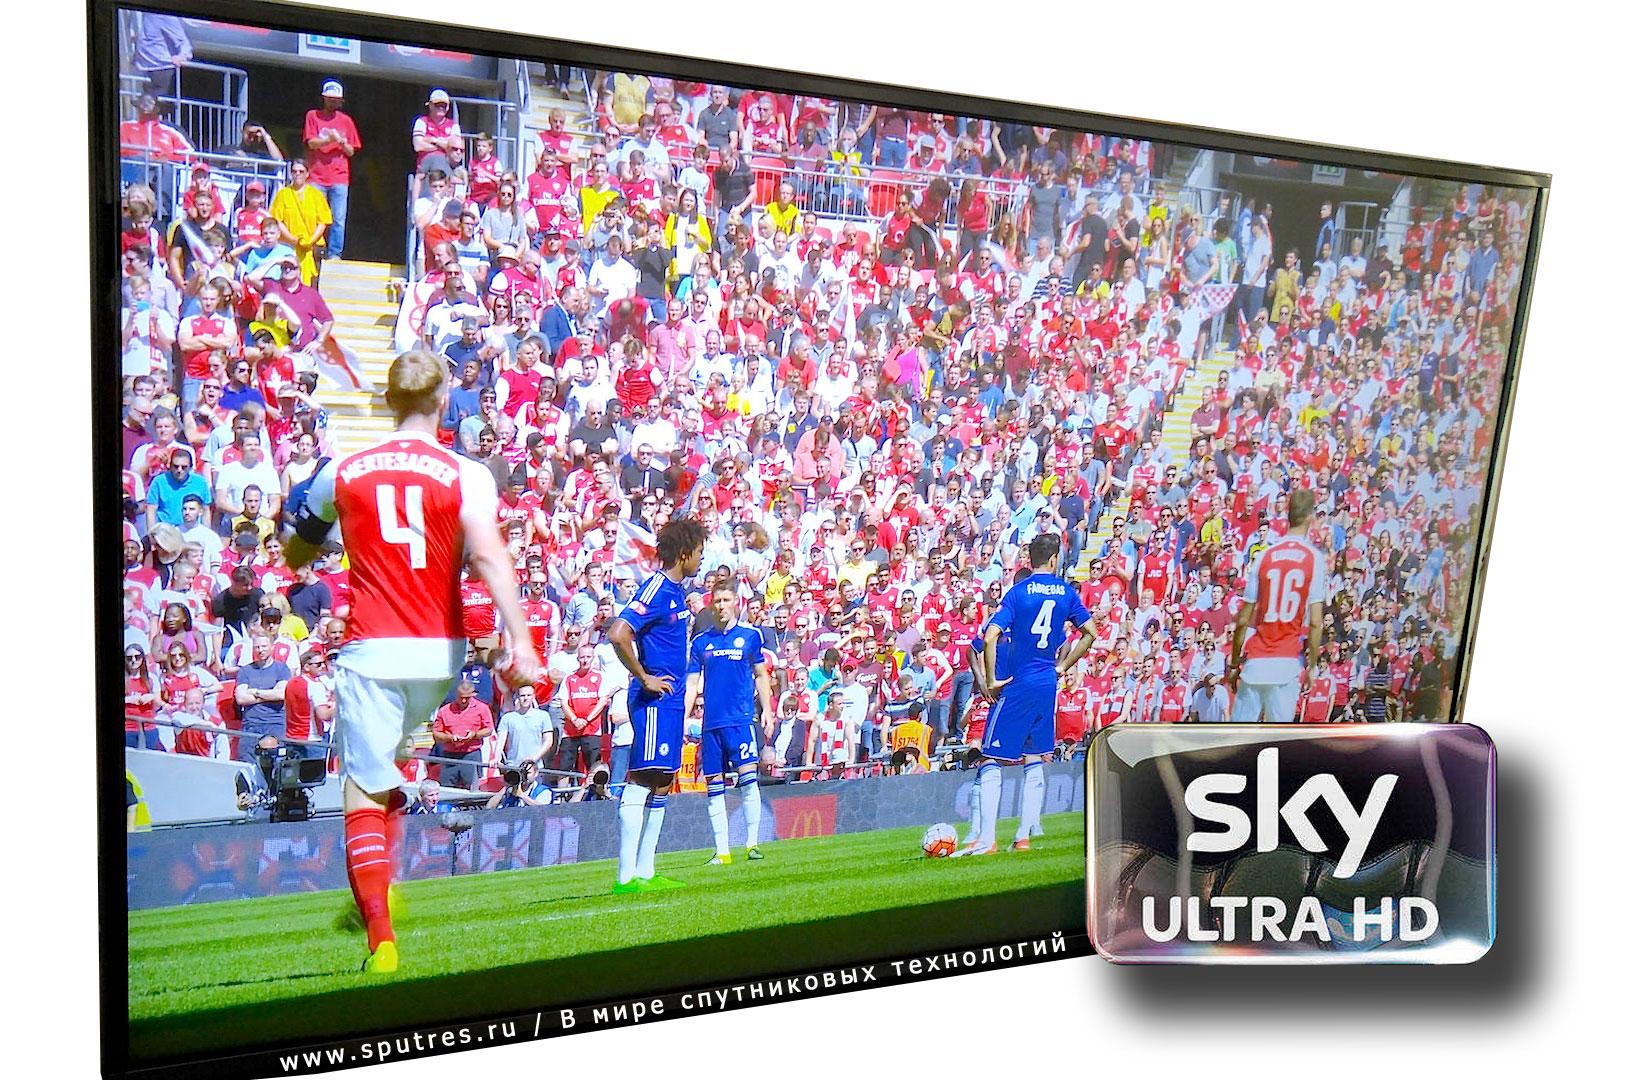 Sky запускает UHD канал в Германии